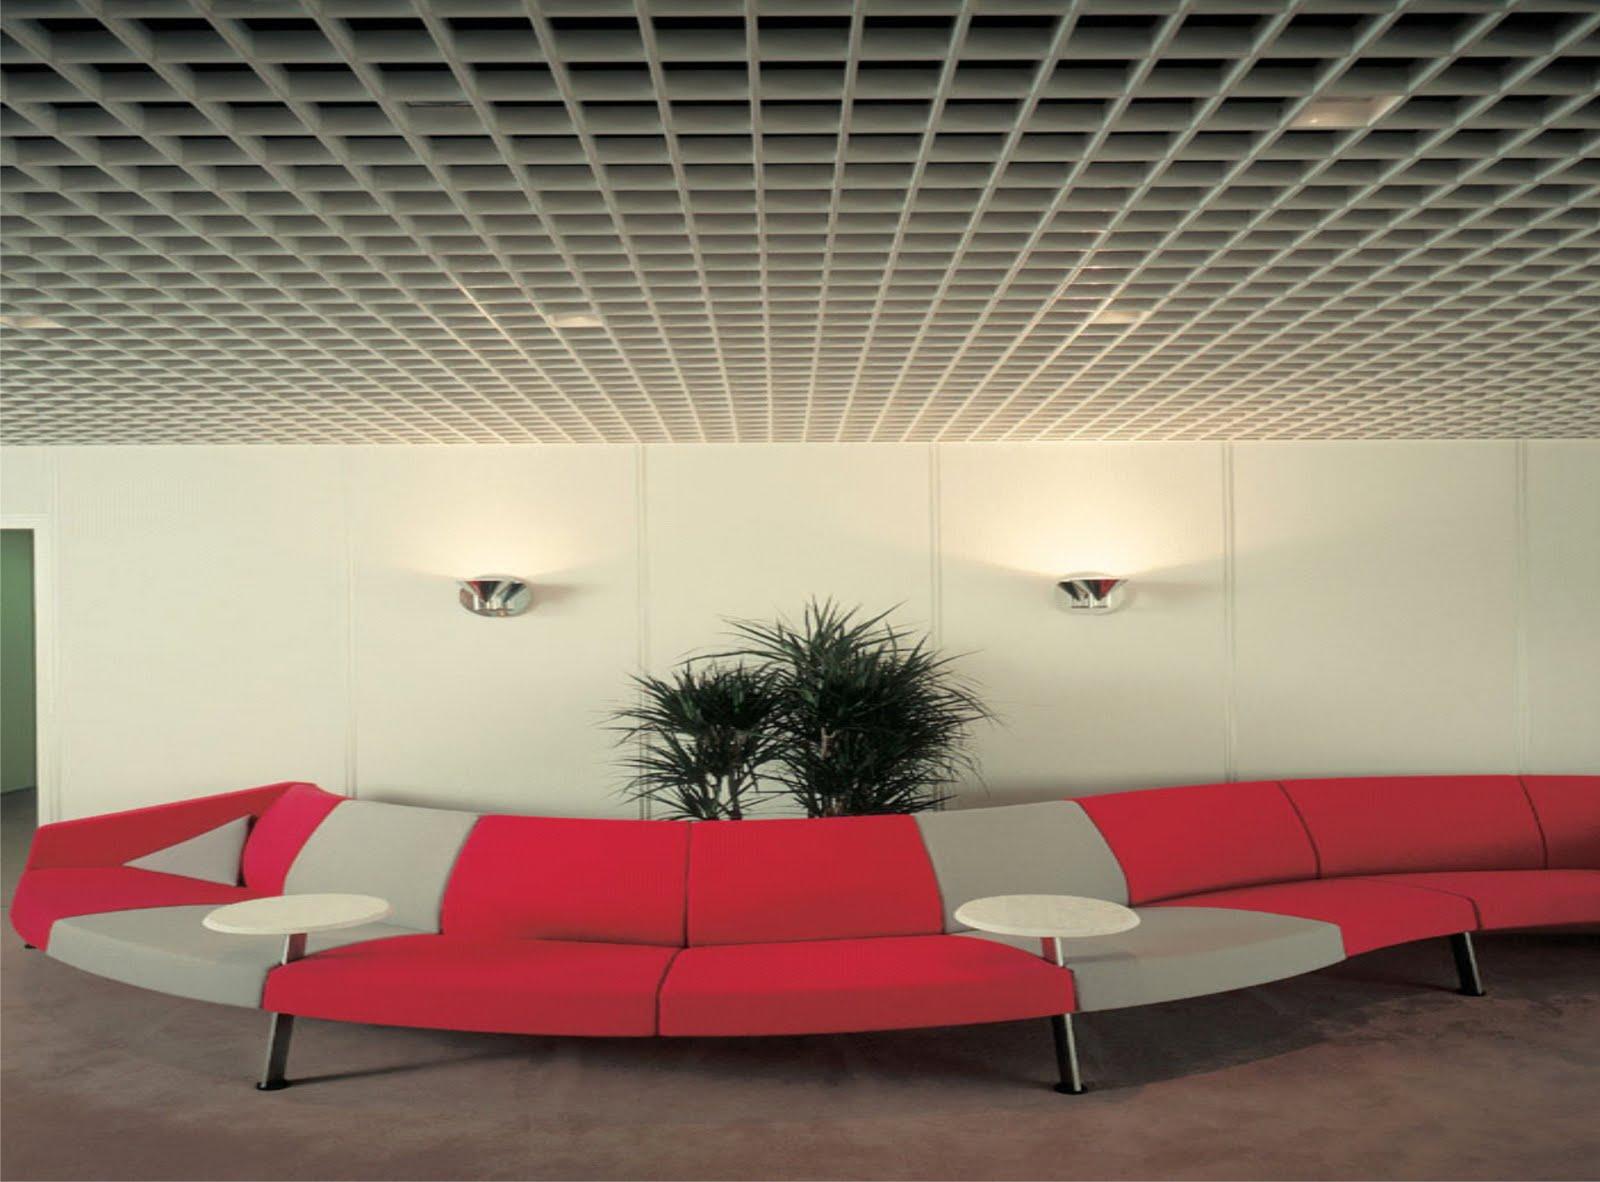 Plafones met licos basa arquitectura y dise o for Plafones de pared exterior